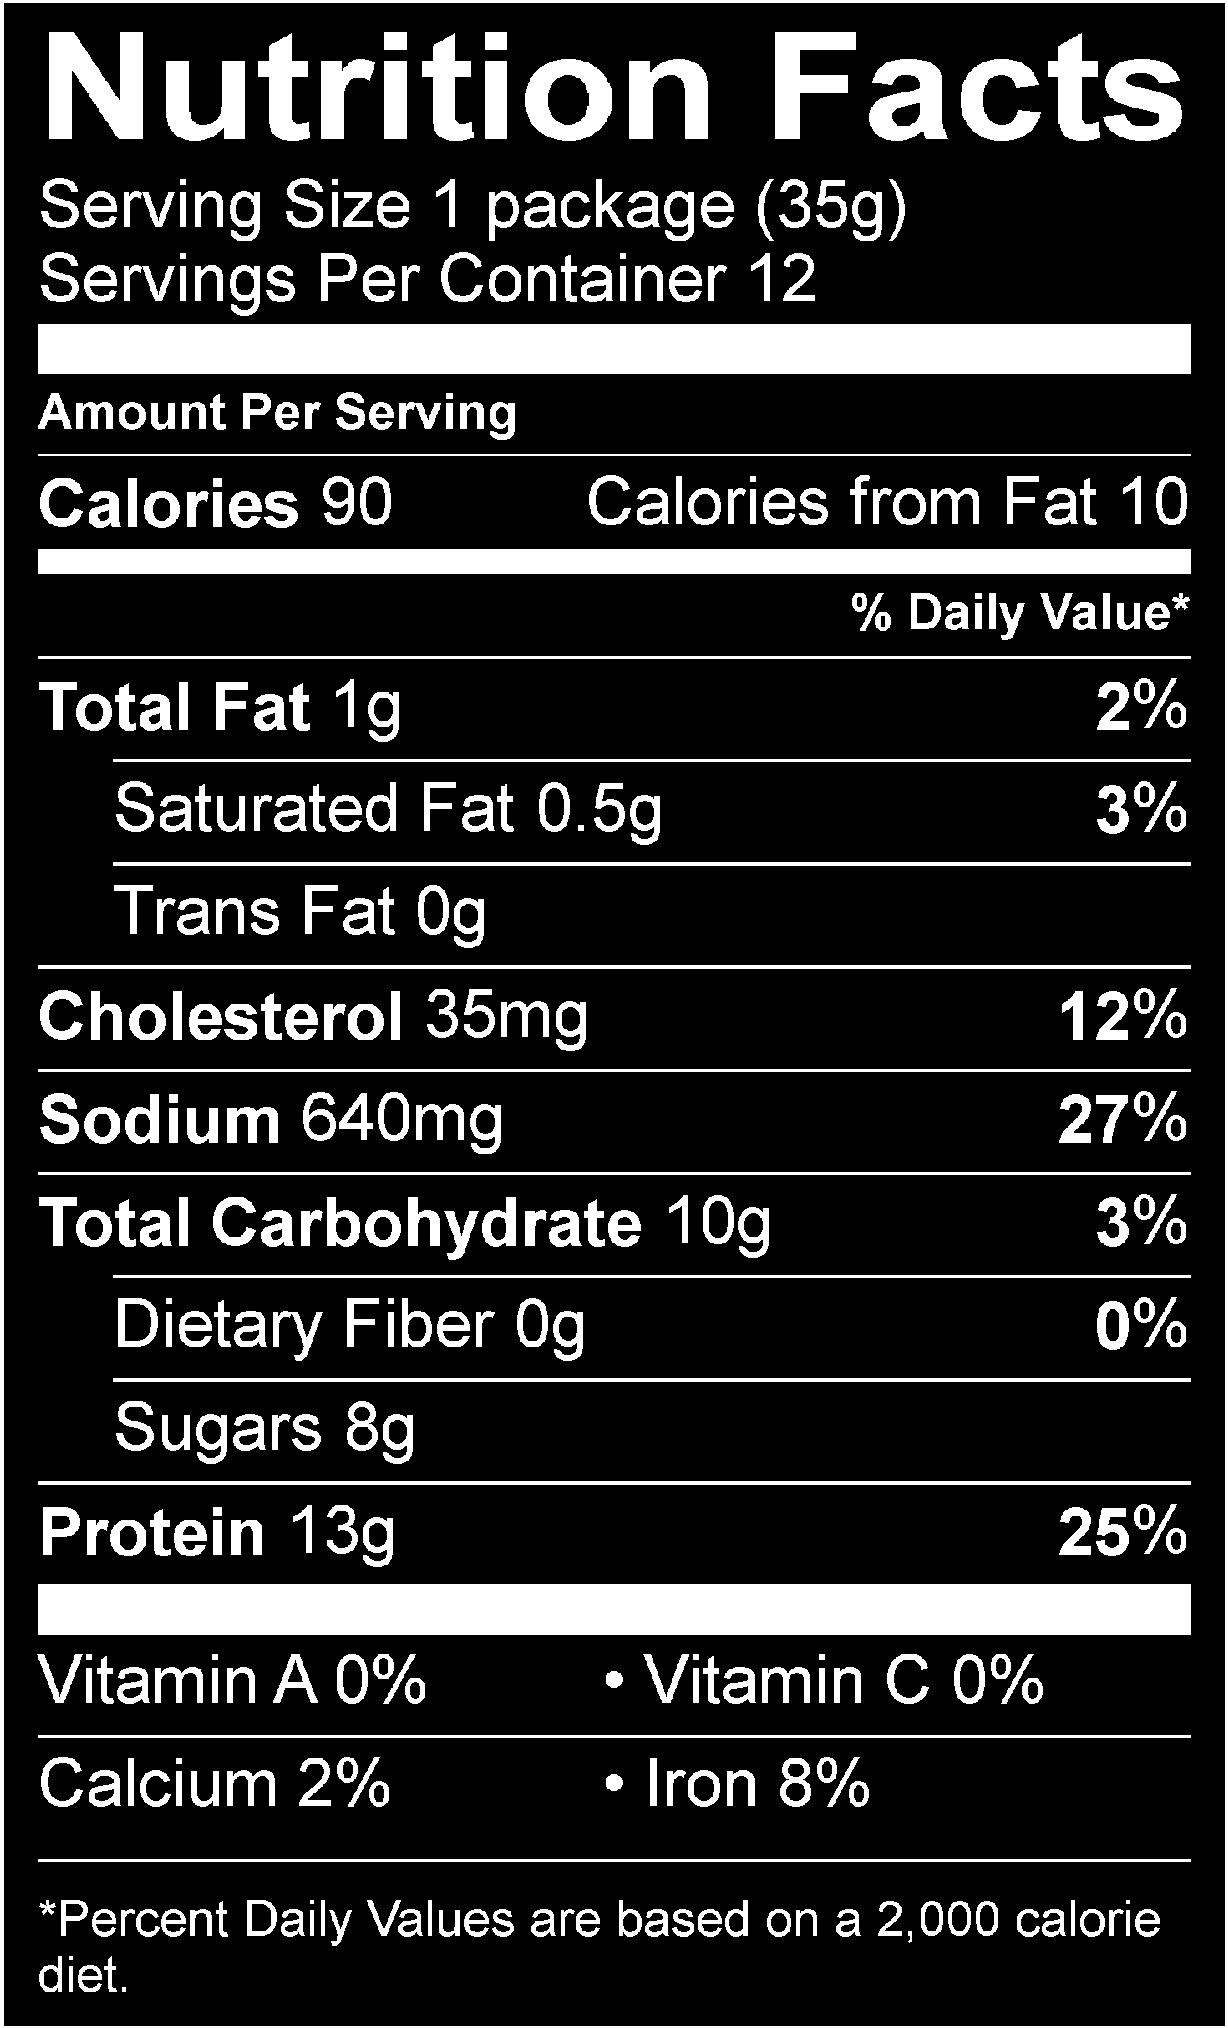 PG Original Snack Pack NFP Inverted .png